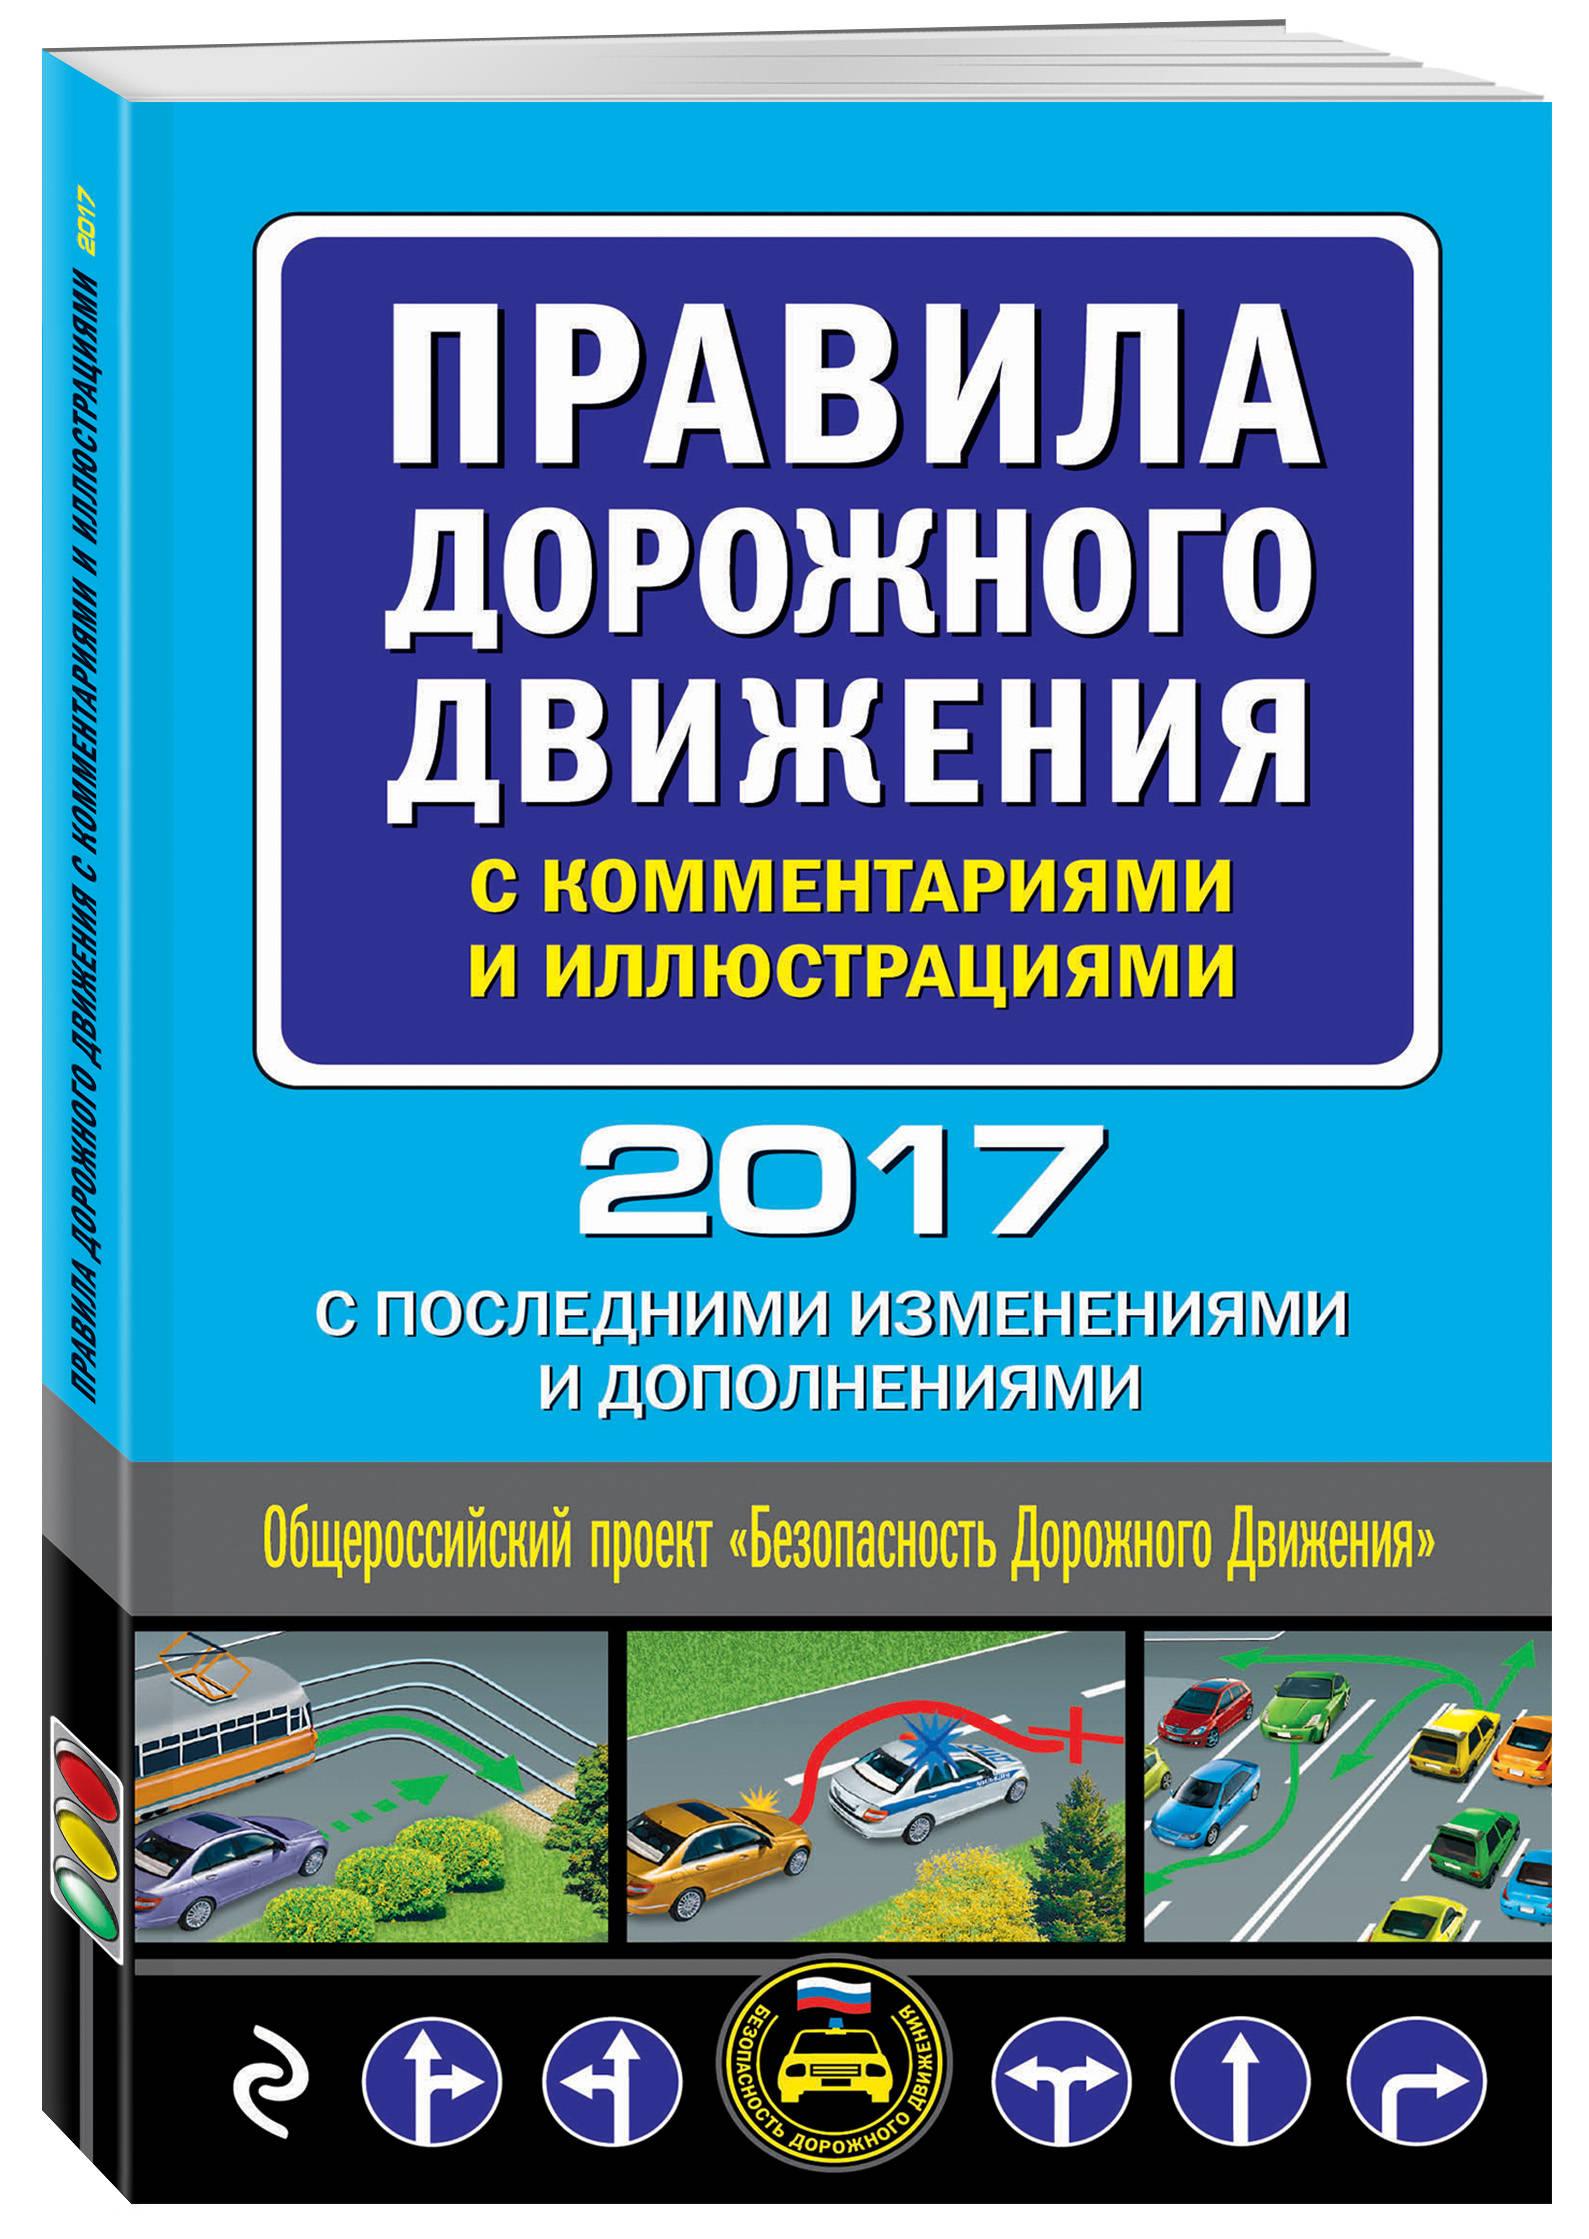 Правила дорожного движения с комментариями и иллюстрациями (с последними изменениями и дополнениями на 2017 год)